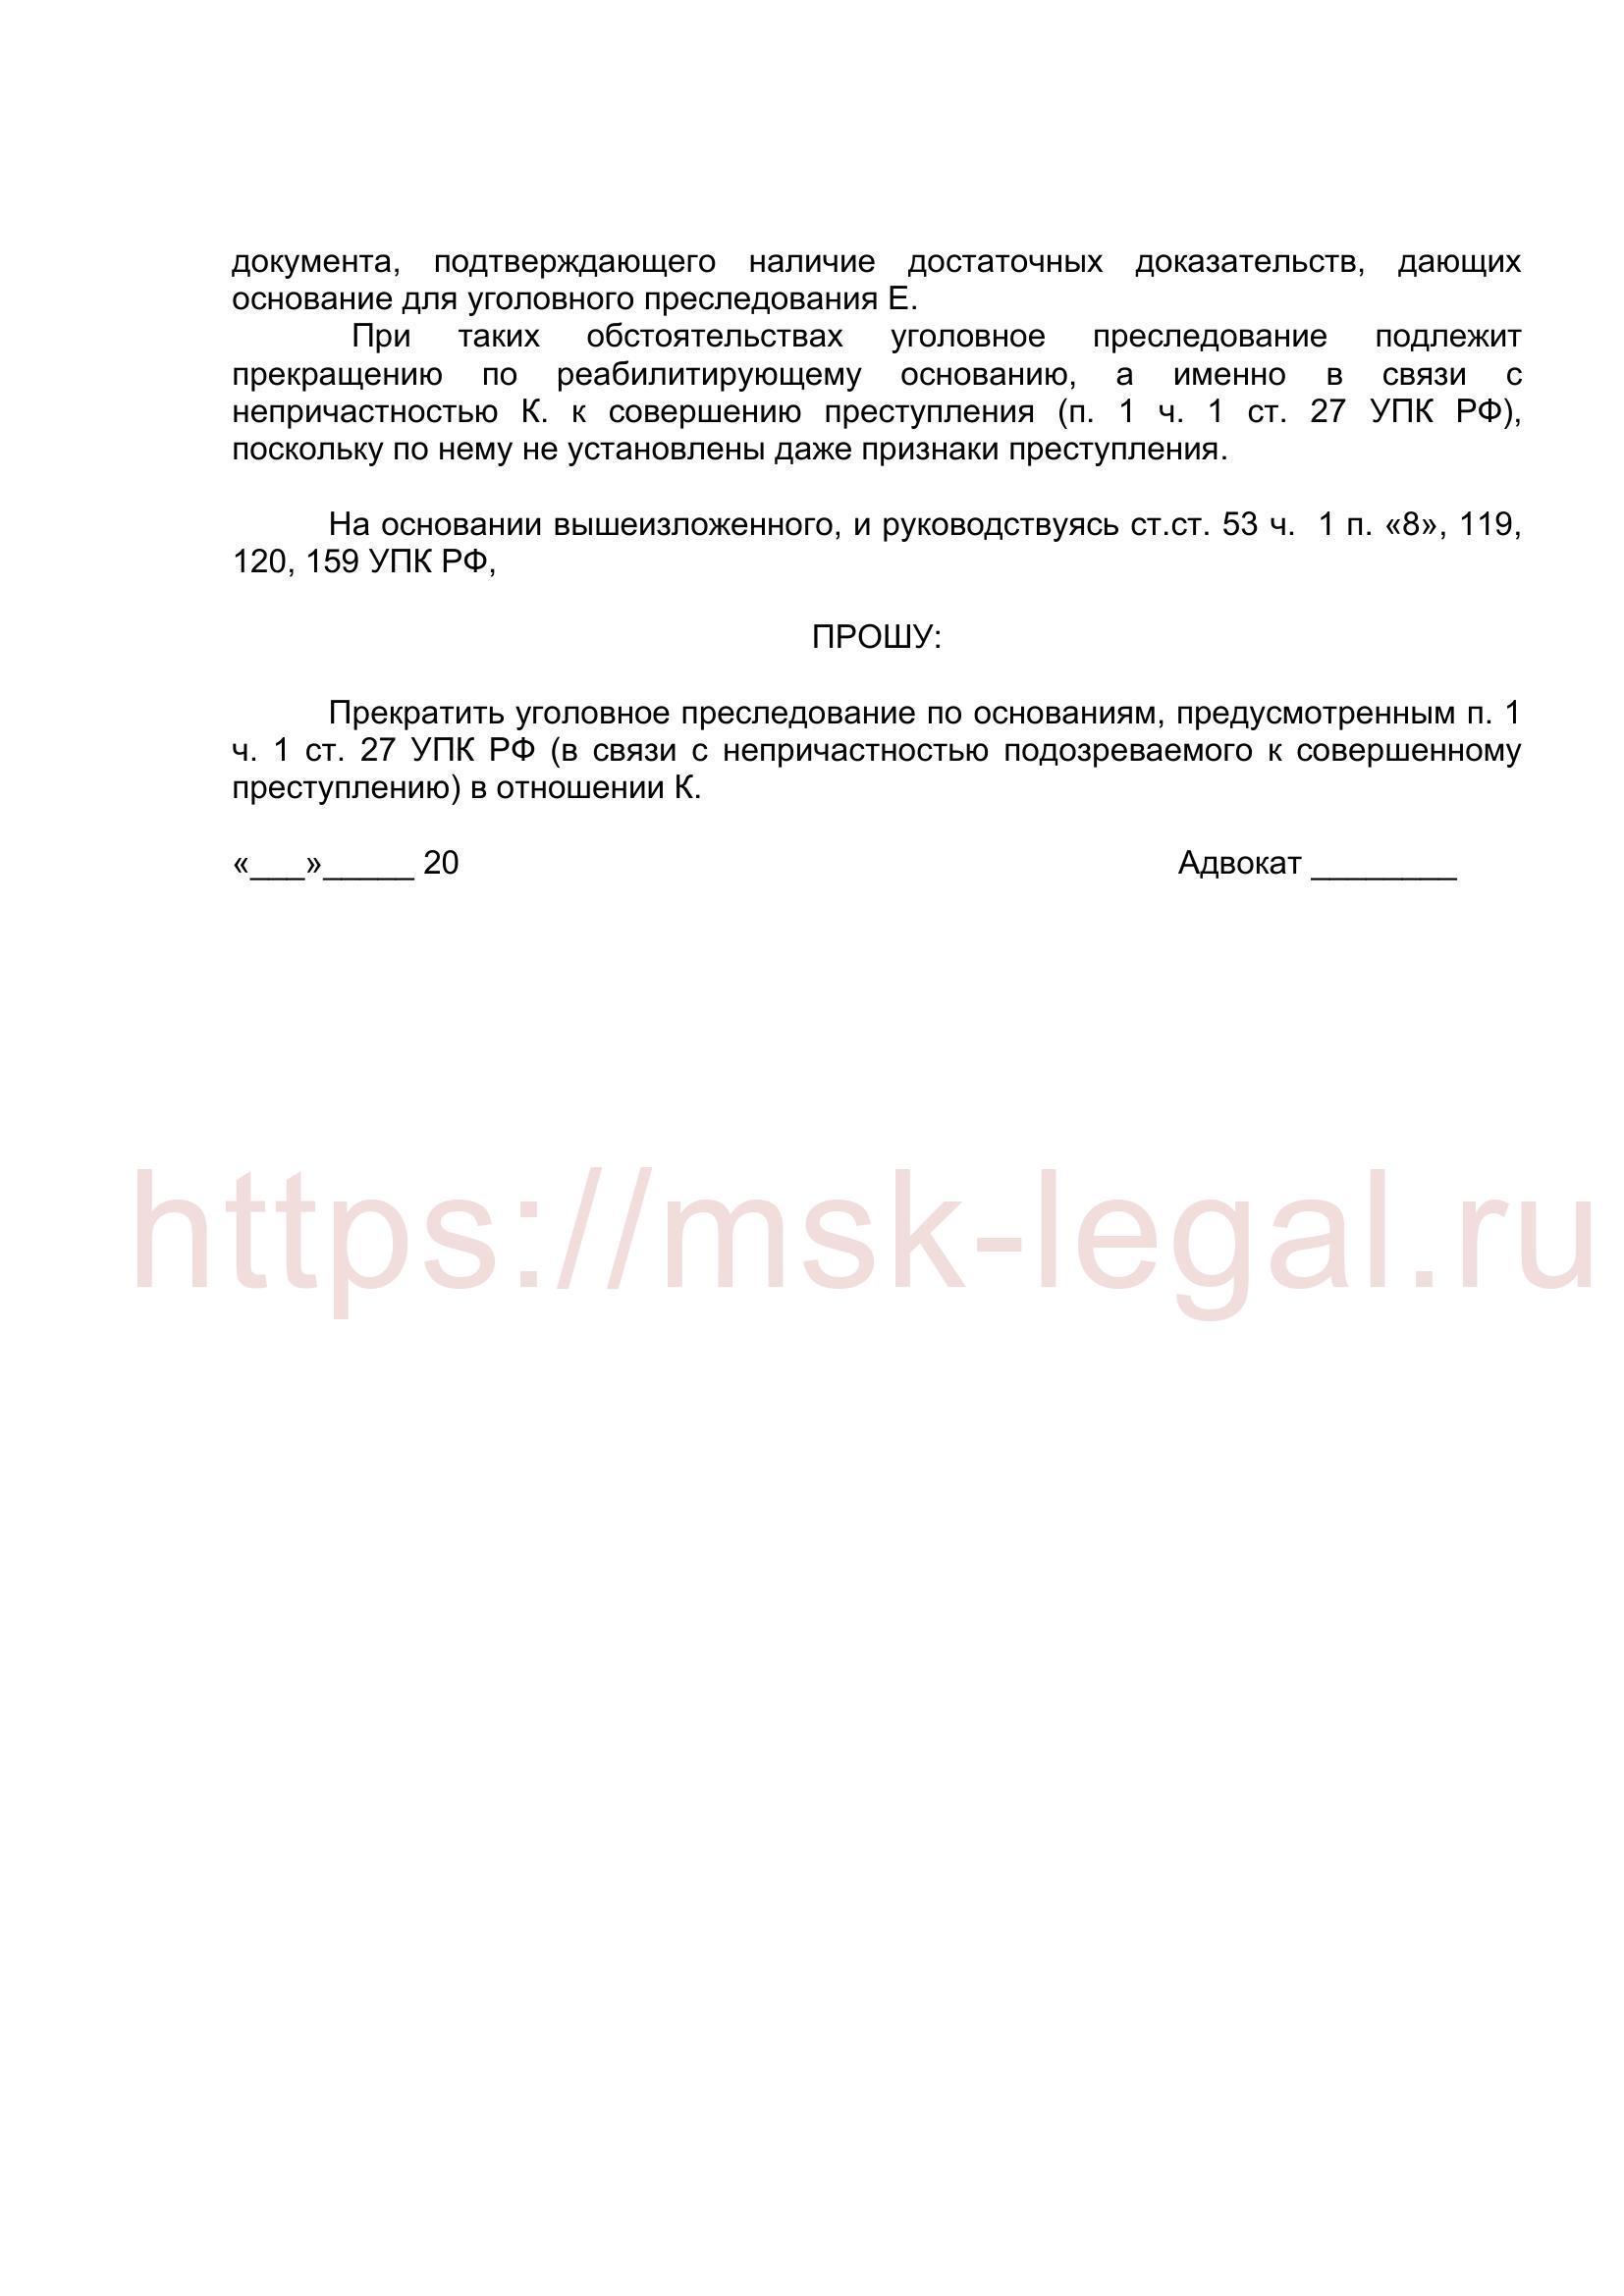 О прекращении уголовного дела по ст. 159 УК РФ на основании п. 1 ч. 1 ст. 27 УПК РФ